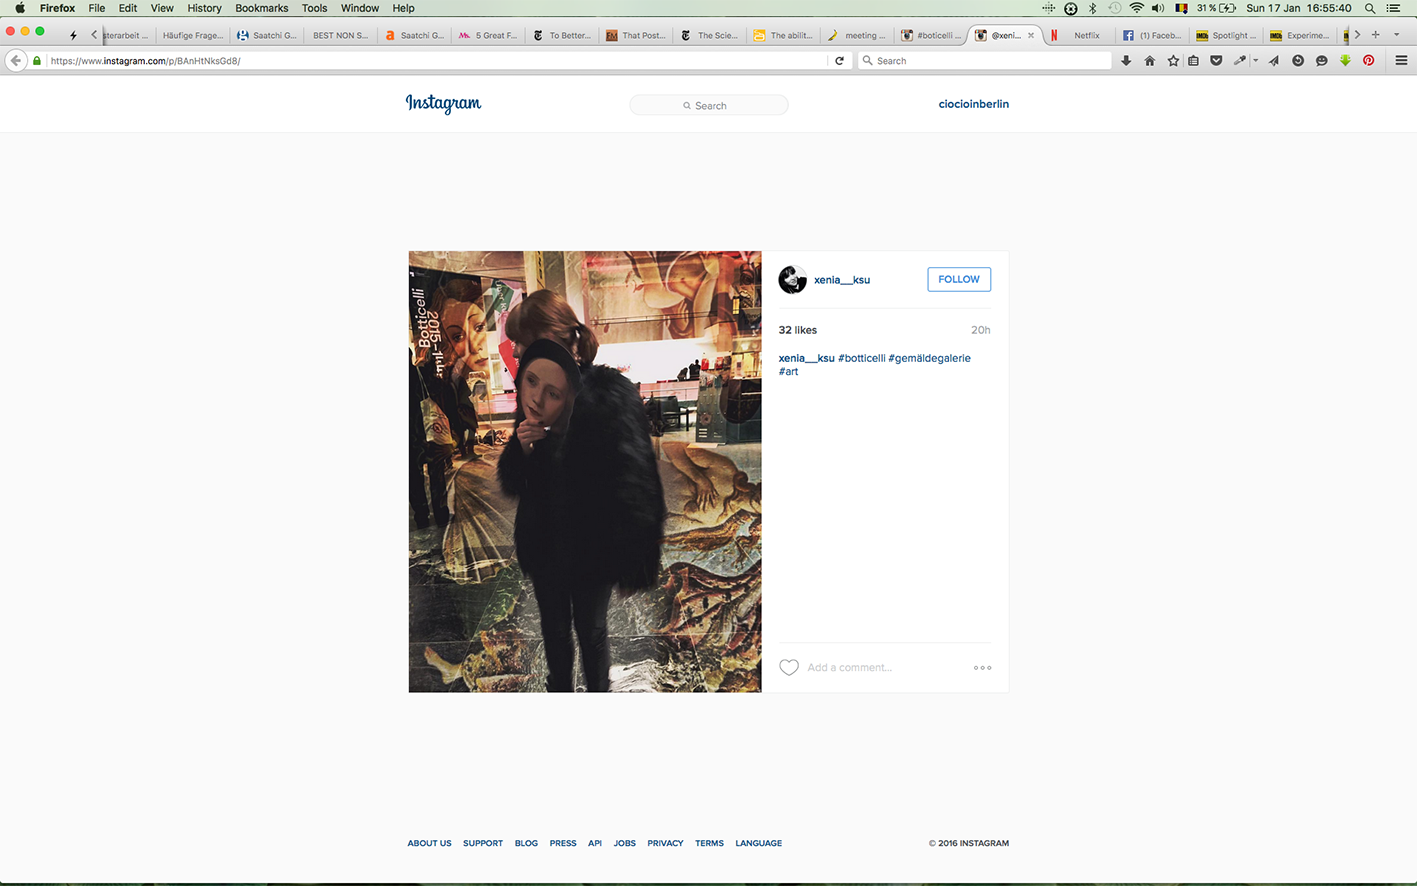 Screen Shot 2016-01-17 at 16.55.40.png